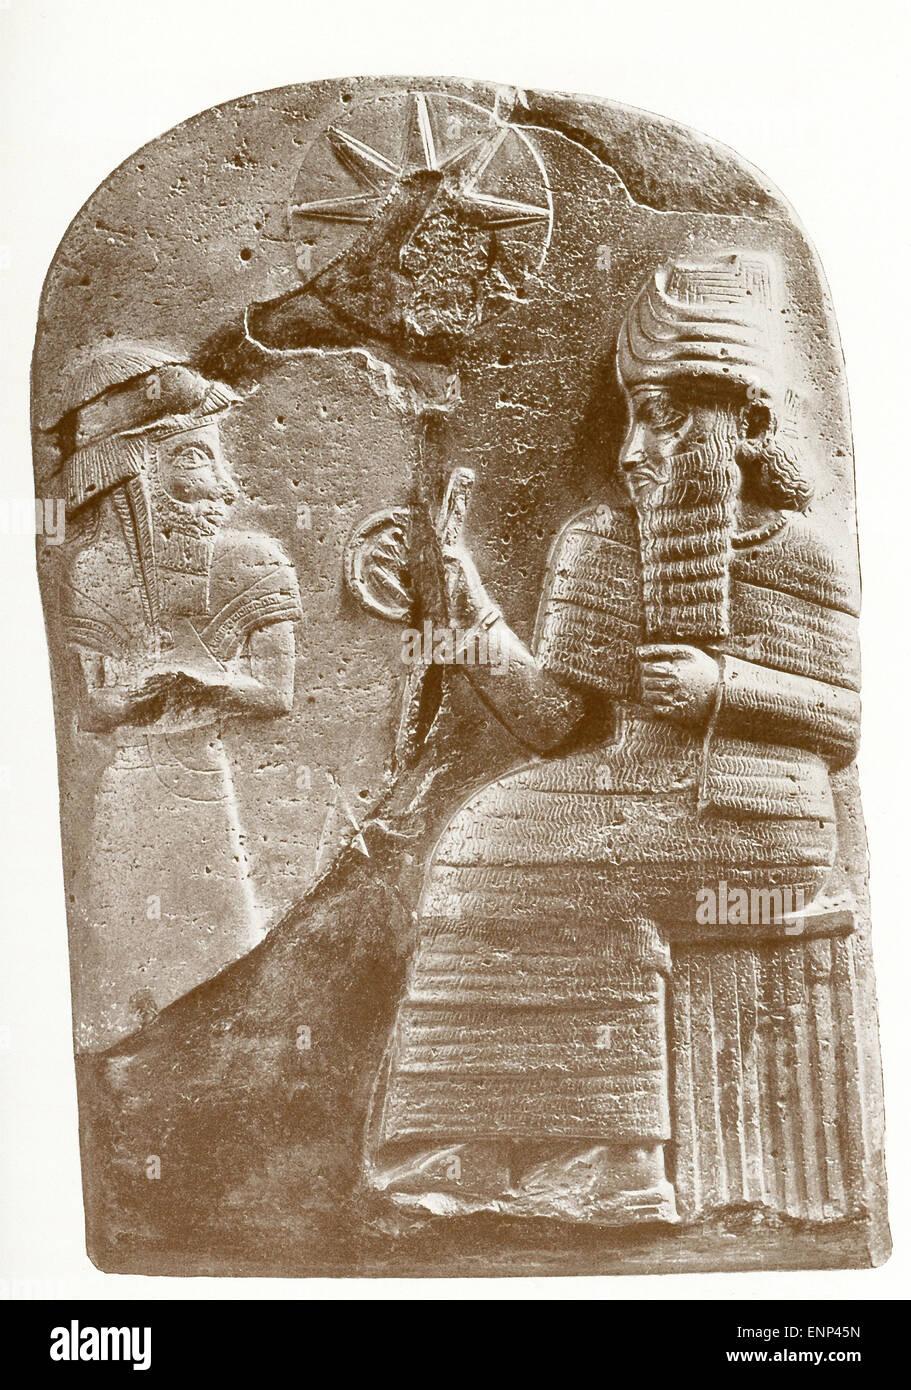 """La figure sculptée à gauche s'Hammourabi, debout devant Shamash, le dieu soleil et """"Seigneur de jugement."""" Le disque au-dessus et entre les deux chiffres représente un disque solaire. Hammourabi est un roi de Babylone de 1792 à 1750 avant J.-C. et est connu pour l'ensemble de lois appelé le Code d'Hammourabi, l'un des premiers codes de lois écrites, qui ont été inscrits au-dessous d'une scène similaire sur une stèle de diorite noire qui mesurait plus de 8 pieds de hauteur. Banque D'Images"""